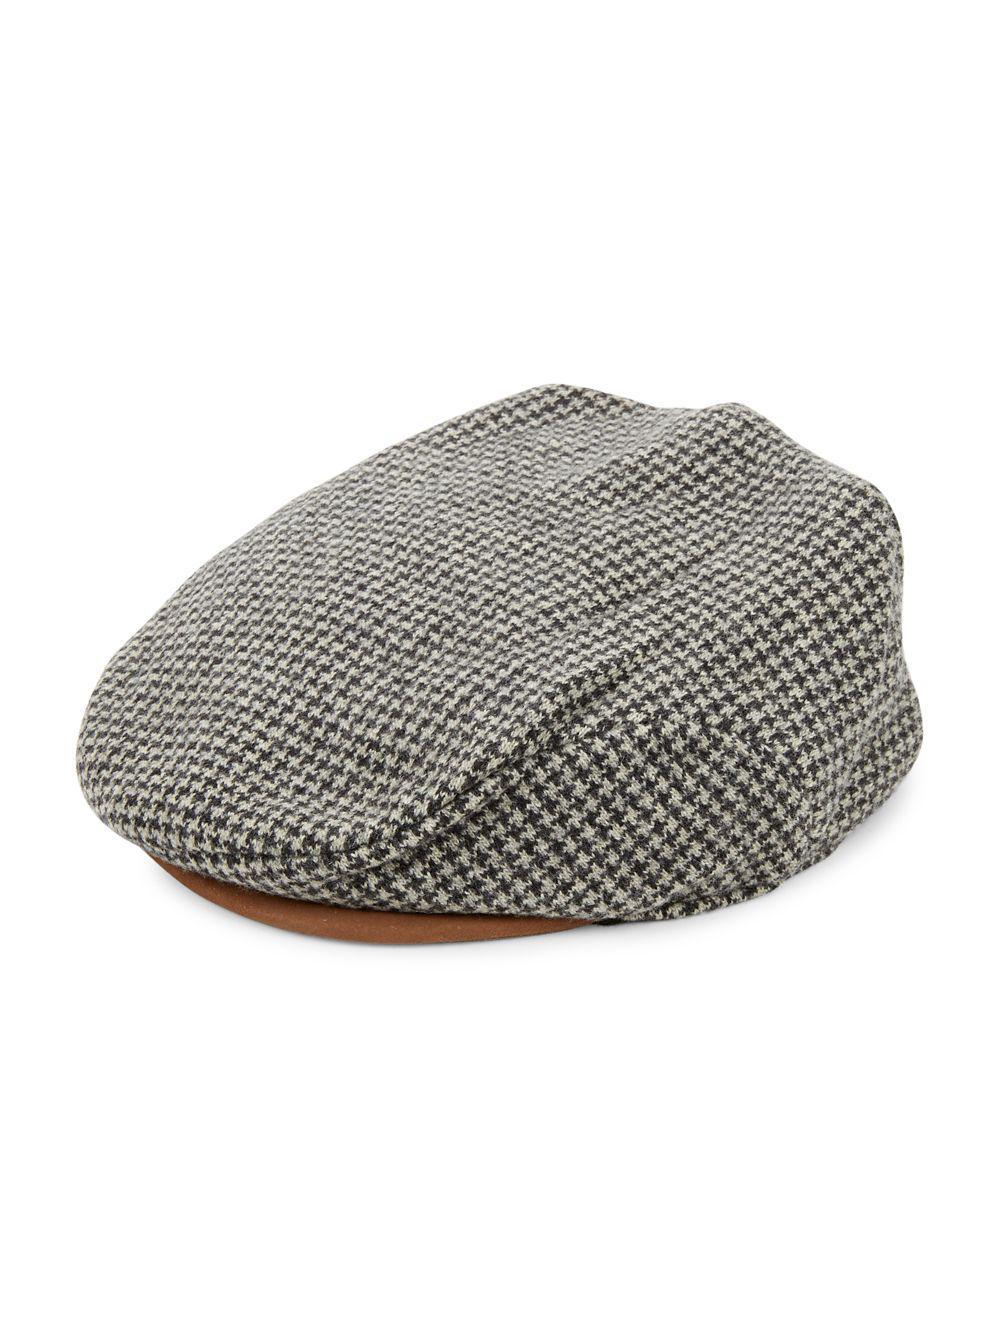 ee0c8c16534 Lyst - Polo Ralph Lauren Wool-blend Flat Cap in Gray for Men